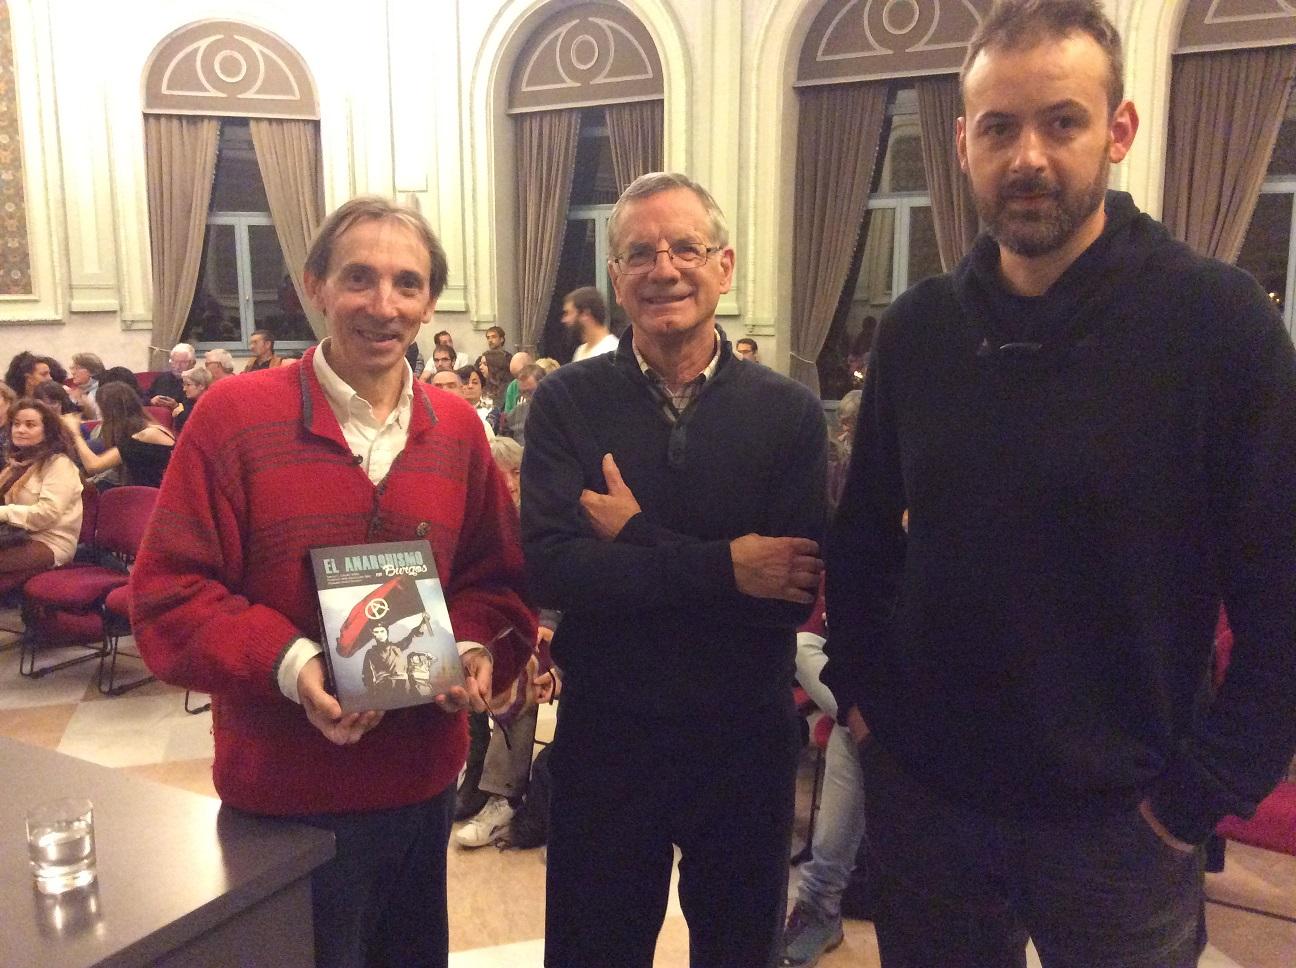 presentación anarquismo en Burgos polisón2